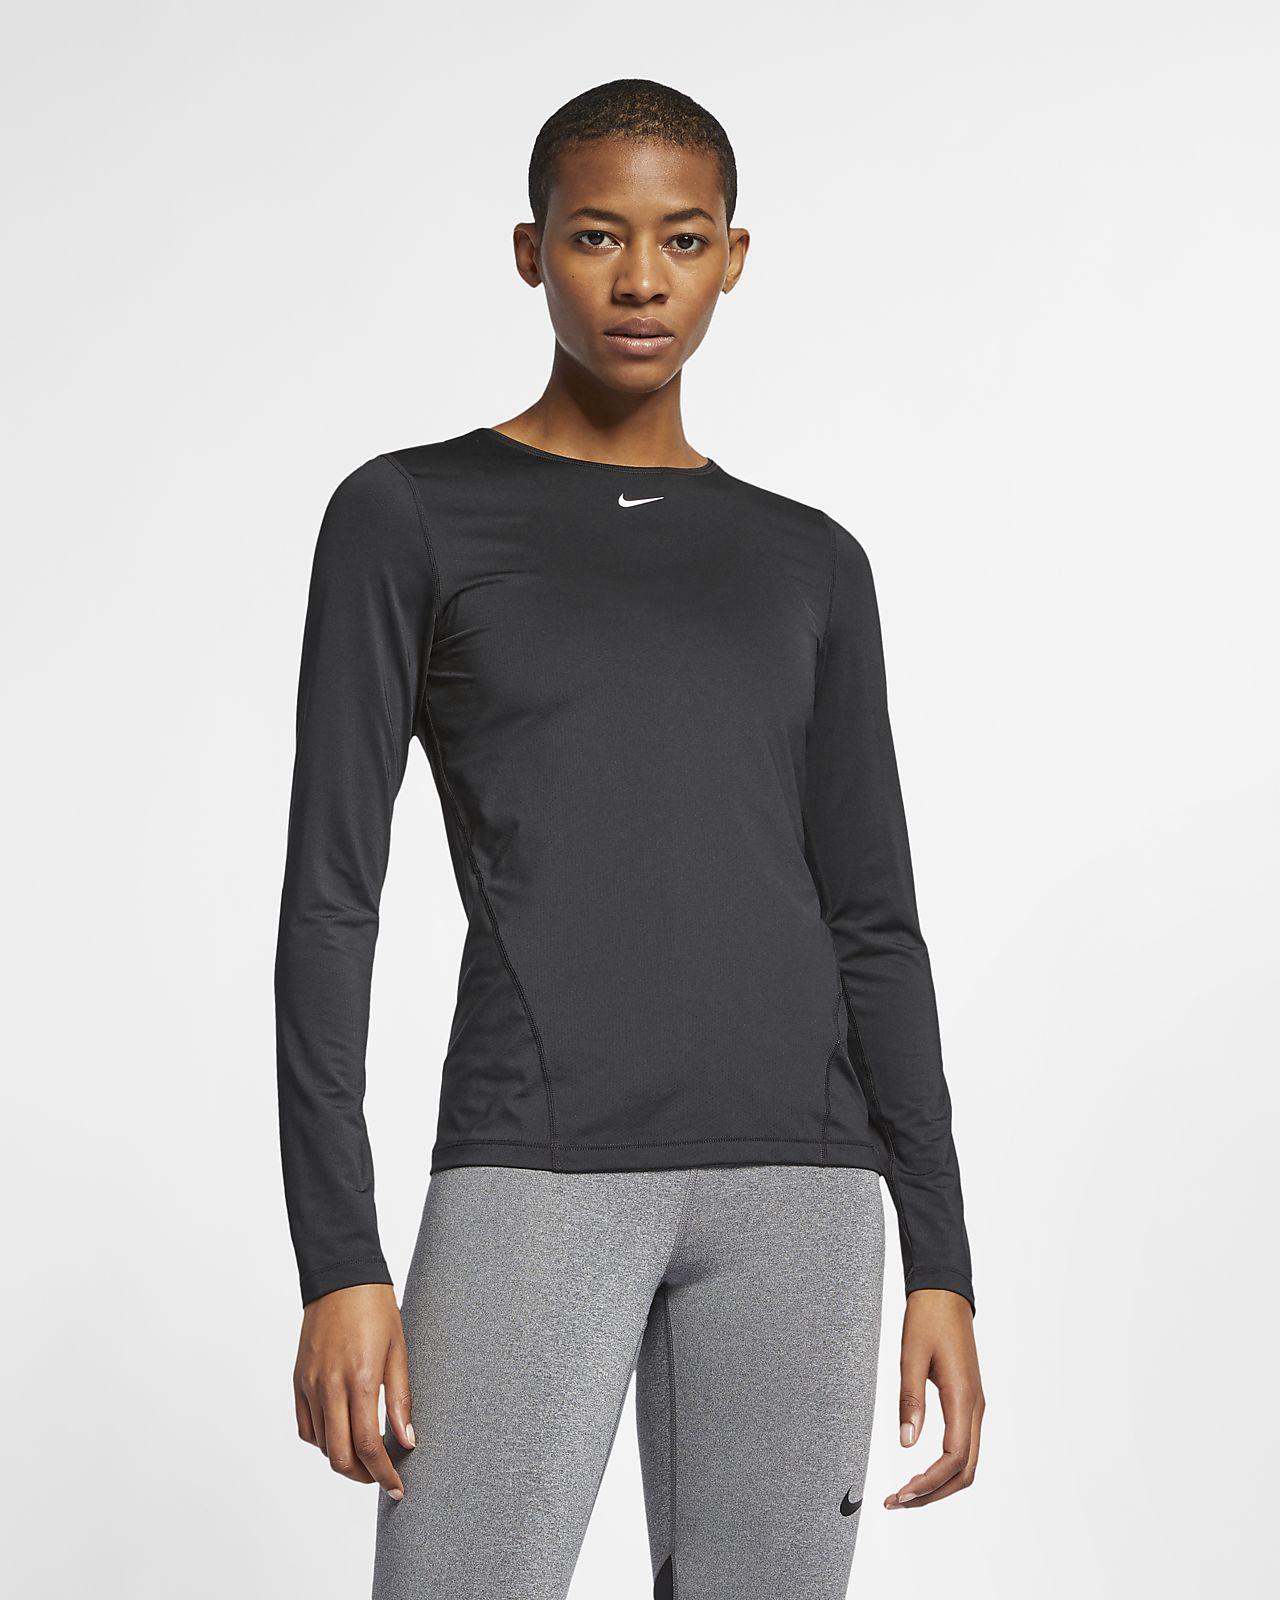 Camisola de malha de manga comprida Nike Pro para mulher